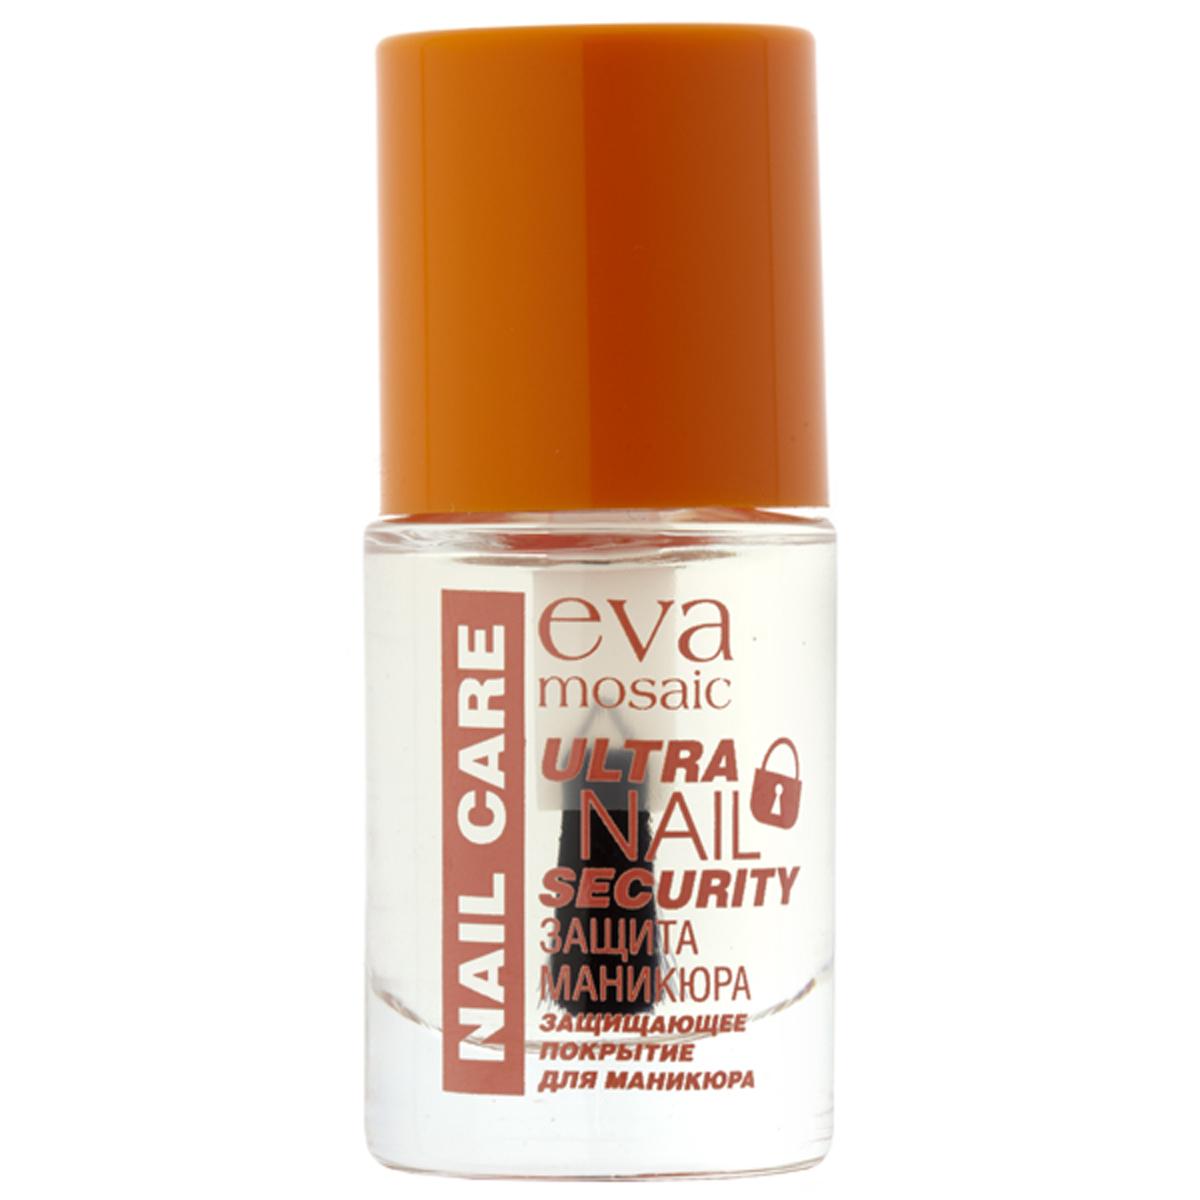 Eva Mosaic Защищающее покрытие, 10 мл685545Полная линия профессиональных продуктов для достижения эффекта салонного маникюра дома.Сверхдлительная и сильная защита маникюра.